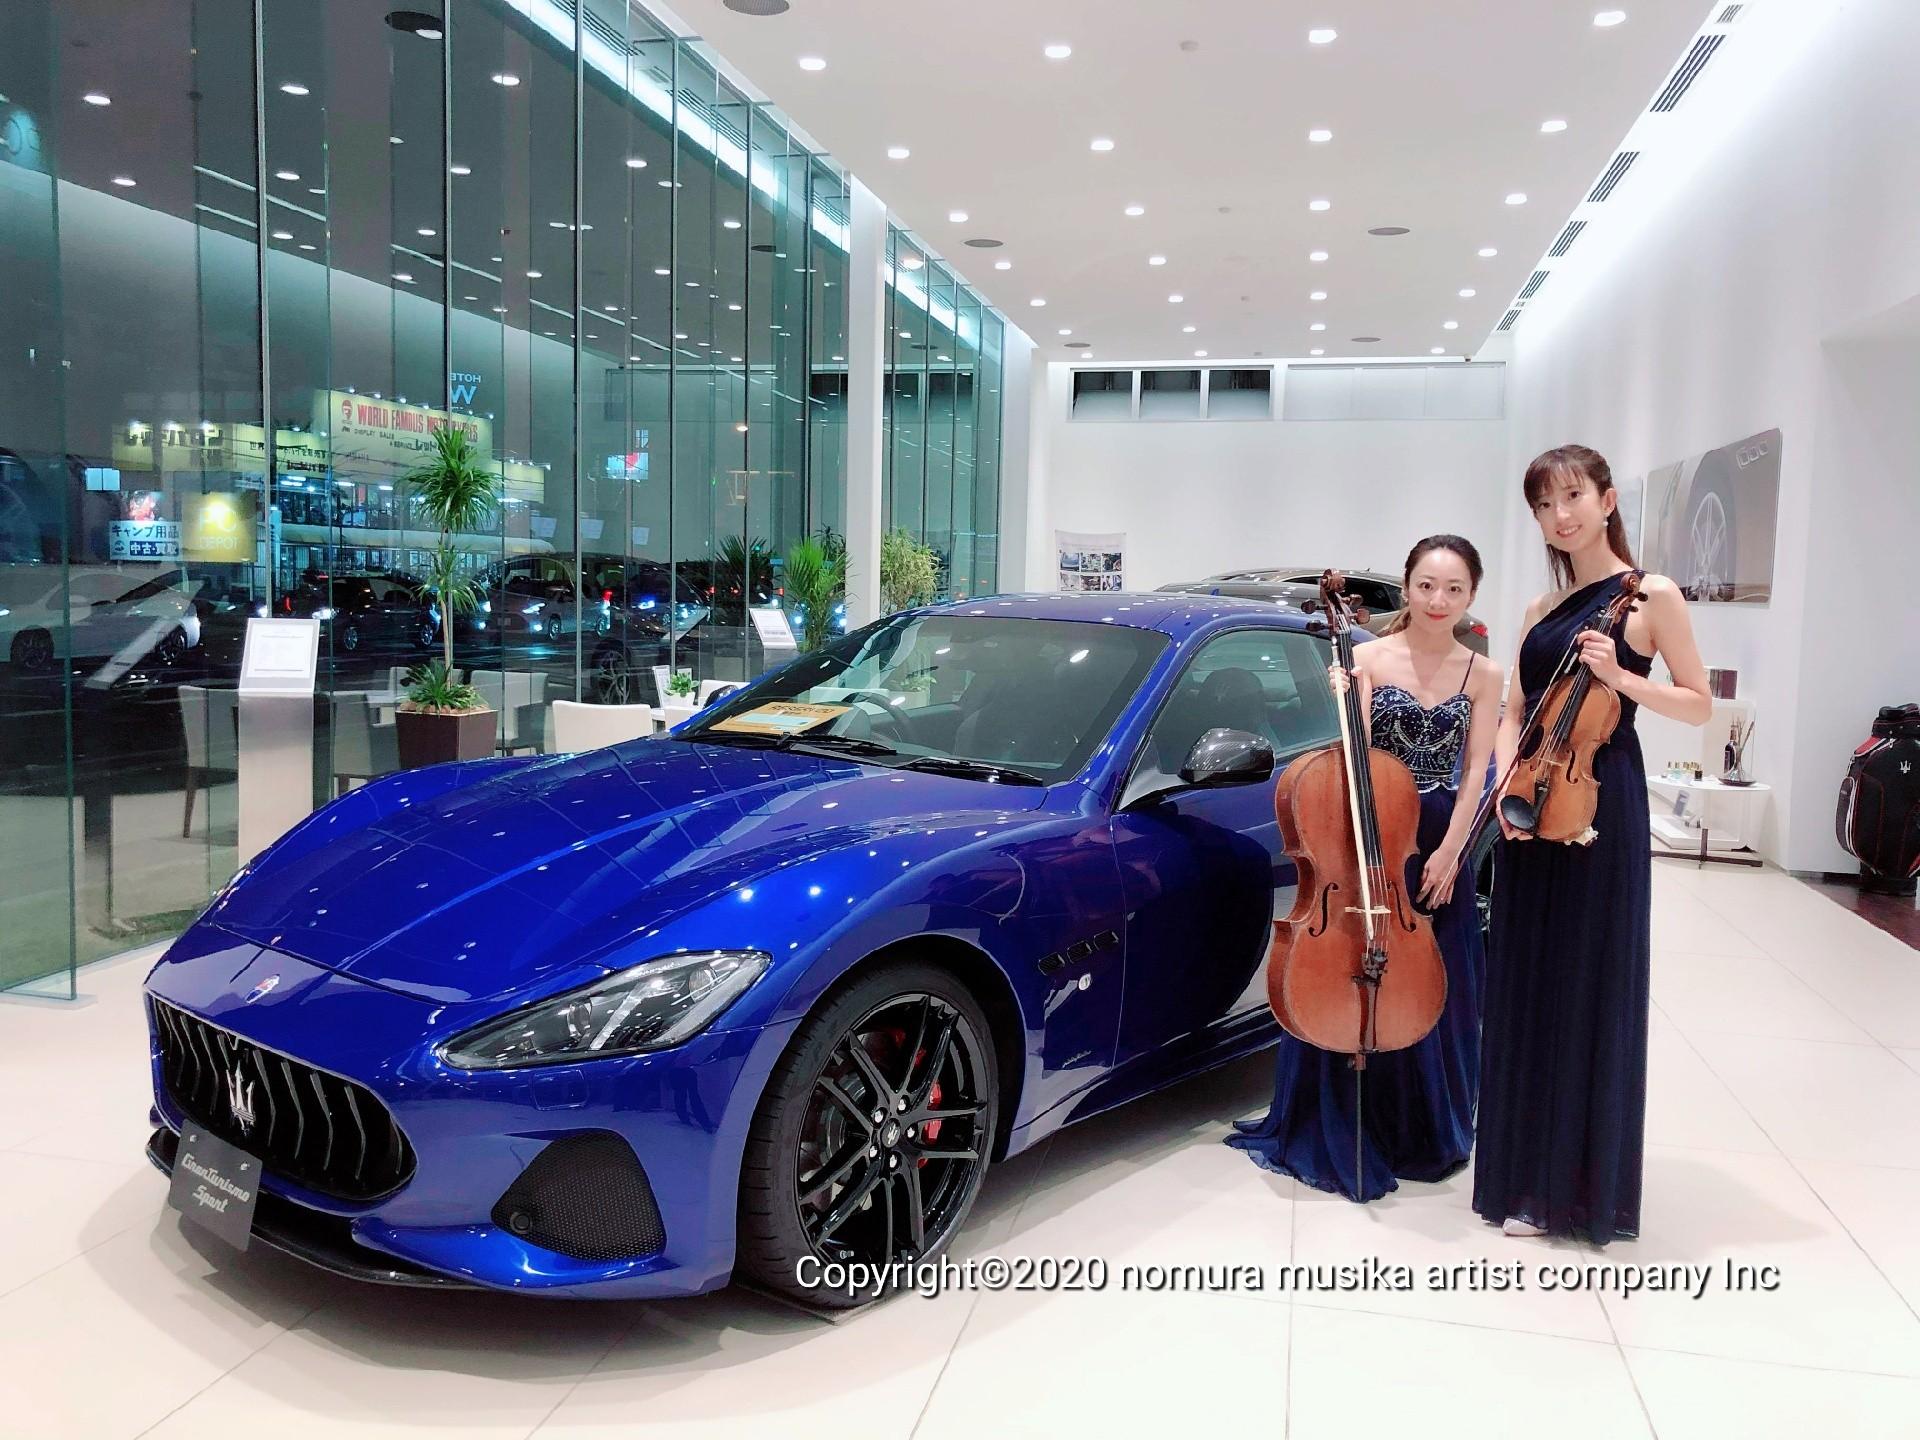 青の車とヴァイオリニスト、チェリスト